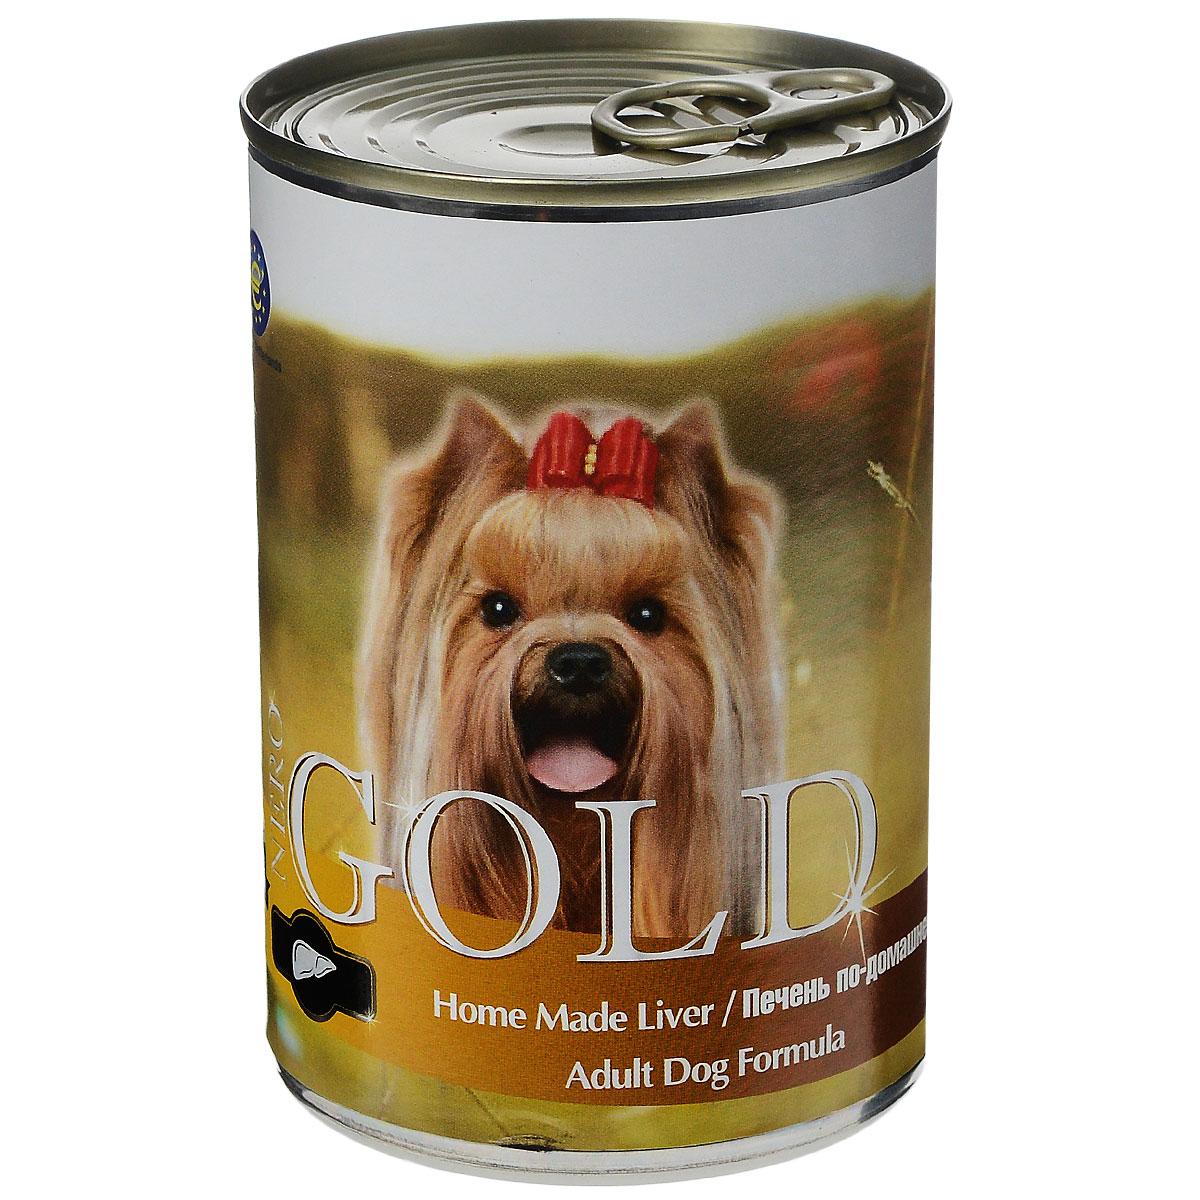 Консервы для собак Nero Gold, с печенью по-домашнему, 410 г0120710Консервы для собак Nero Gold - полнорационный продукт, содержащий все необходимые витамины и минералы, сбалансированный для поддержания оптимального здоровья вашего питомца! Состав: мясо и его производные, филе курицы, печень, злаки, витамины и минералы. Гарантированный анализ: белки 6,5%, жиры 4,5%, клетчатка 0,5%, зола 2%, влага 81%.Пищевые добавки на 1 кг продукта: витамин А 1600 МЕ, витамин D 140 МЕ, витамин Е 10 МЕ, железо 24 мг, марганец 6 мг, цинк 15 мг, медь 1 мг, магний 200 мг, йод 0,3 мг, селен 0,2 мг. Вес: 410 г. Товар сертифицирован.